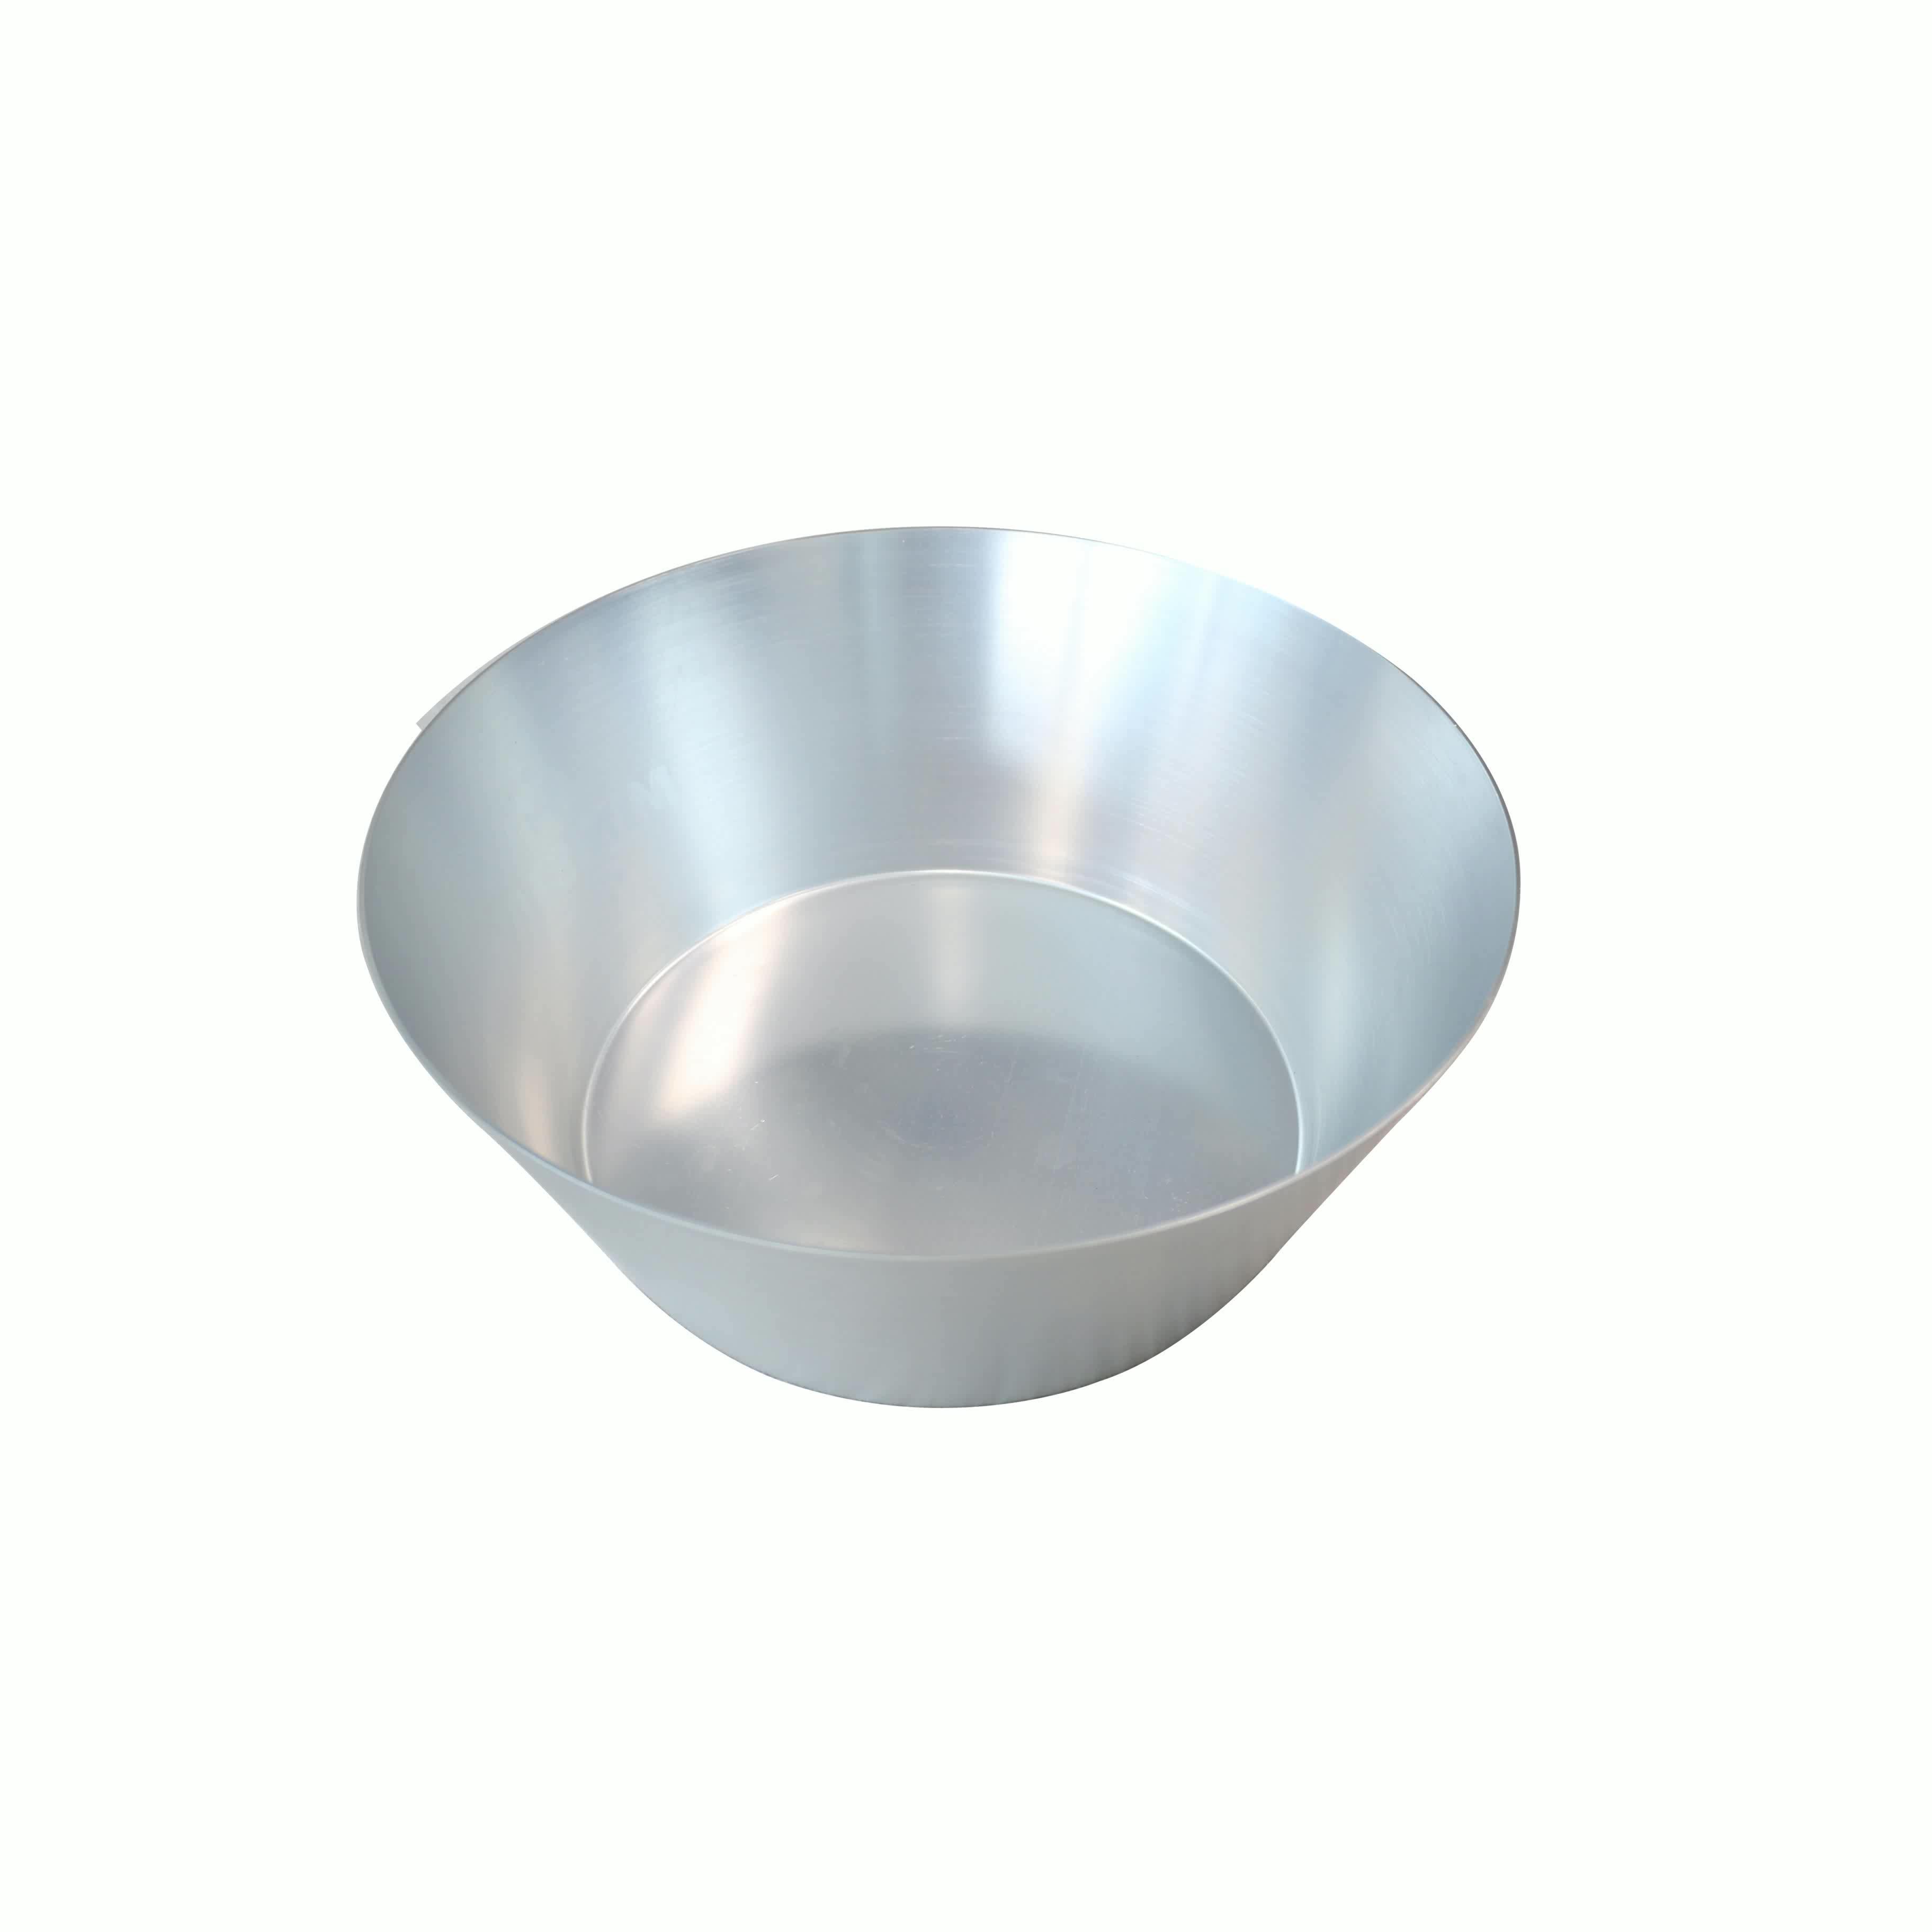 High Bay Round aluminum led light reflector LED